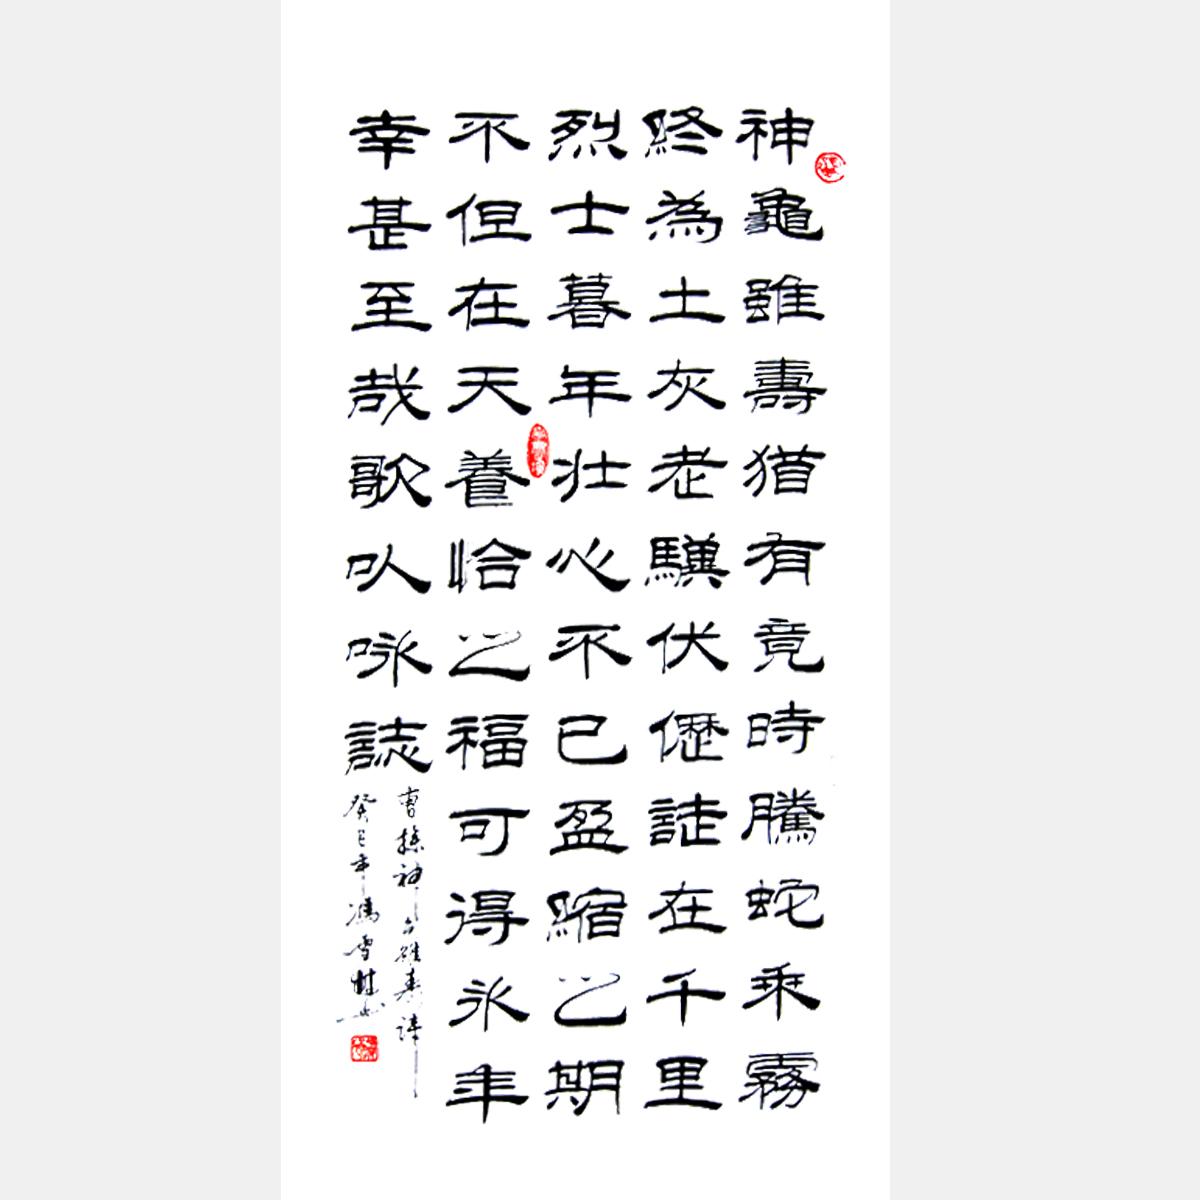 冯雪林隶书:曹操名篇《龟虽寿》